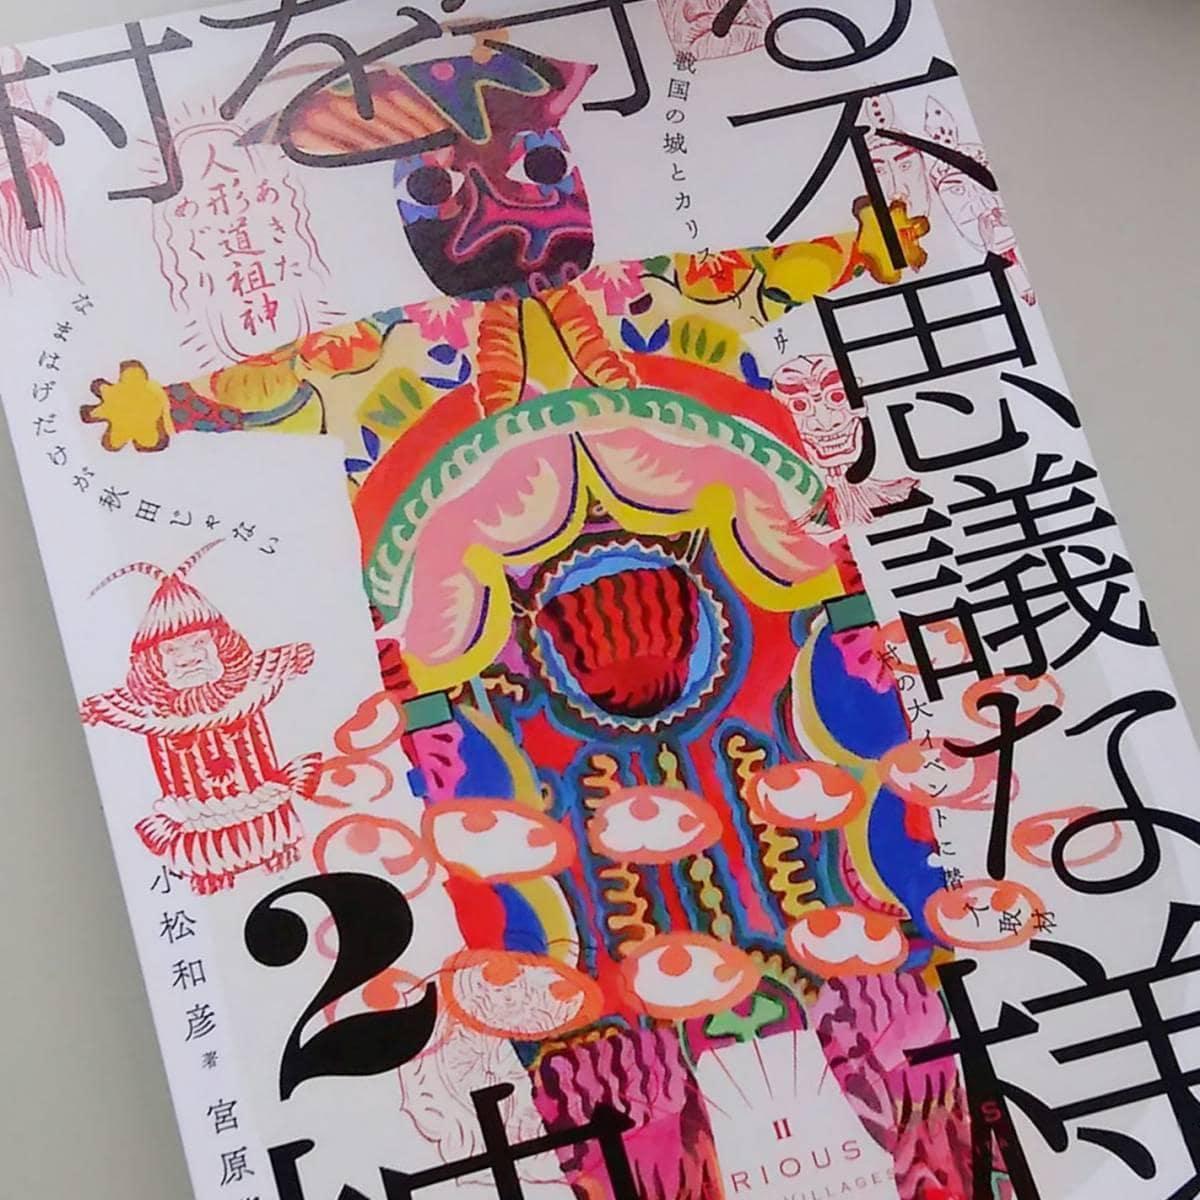 軽妙な文章とカラフルなイラストで伝統的な風習を紹介する「村を守る不思議な神様2」